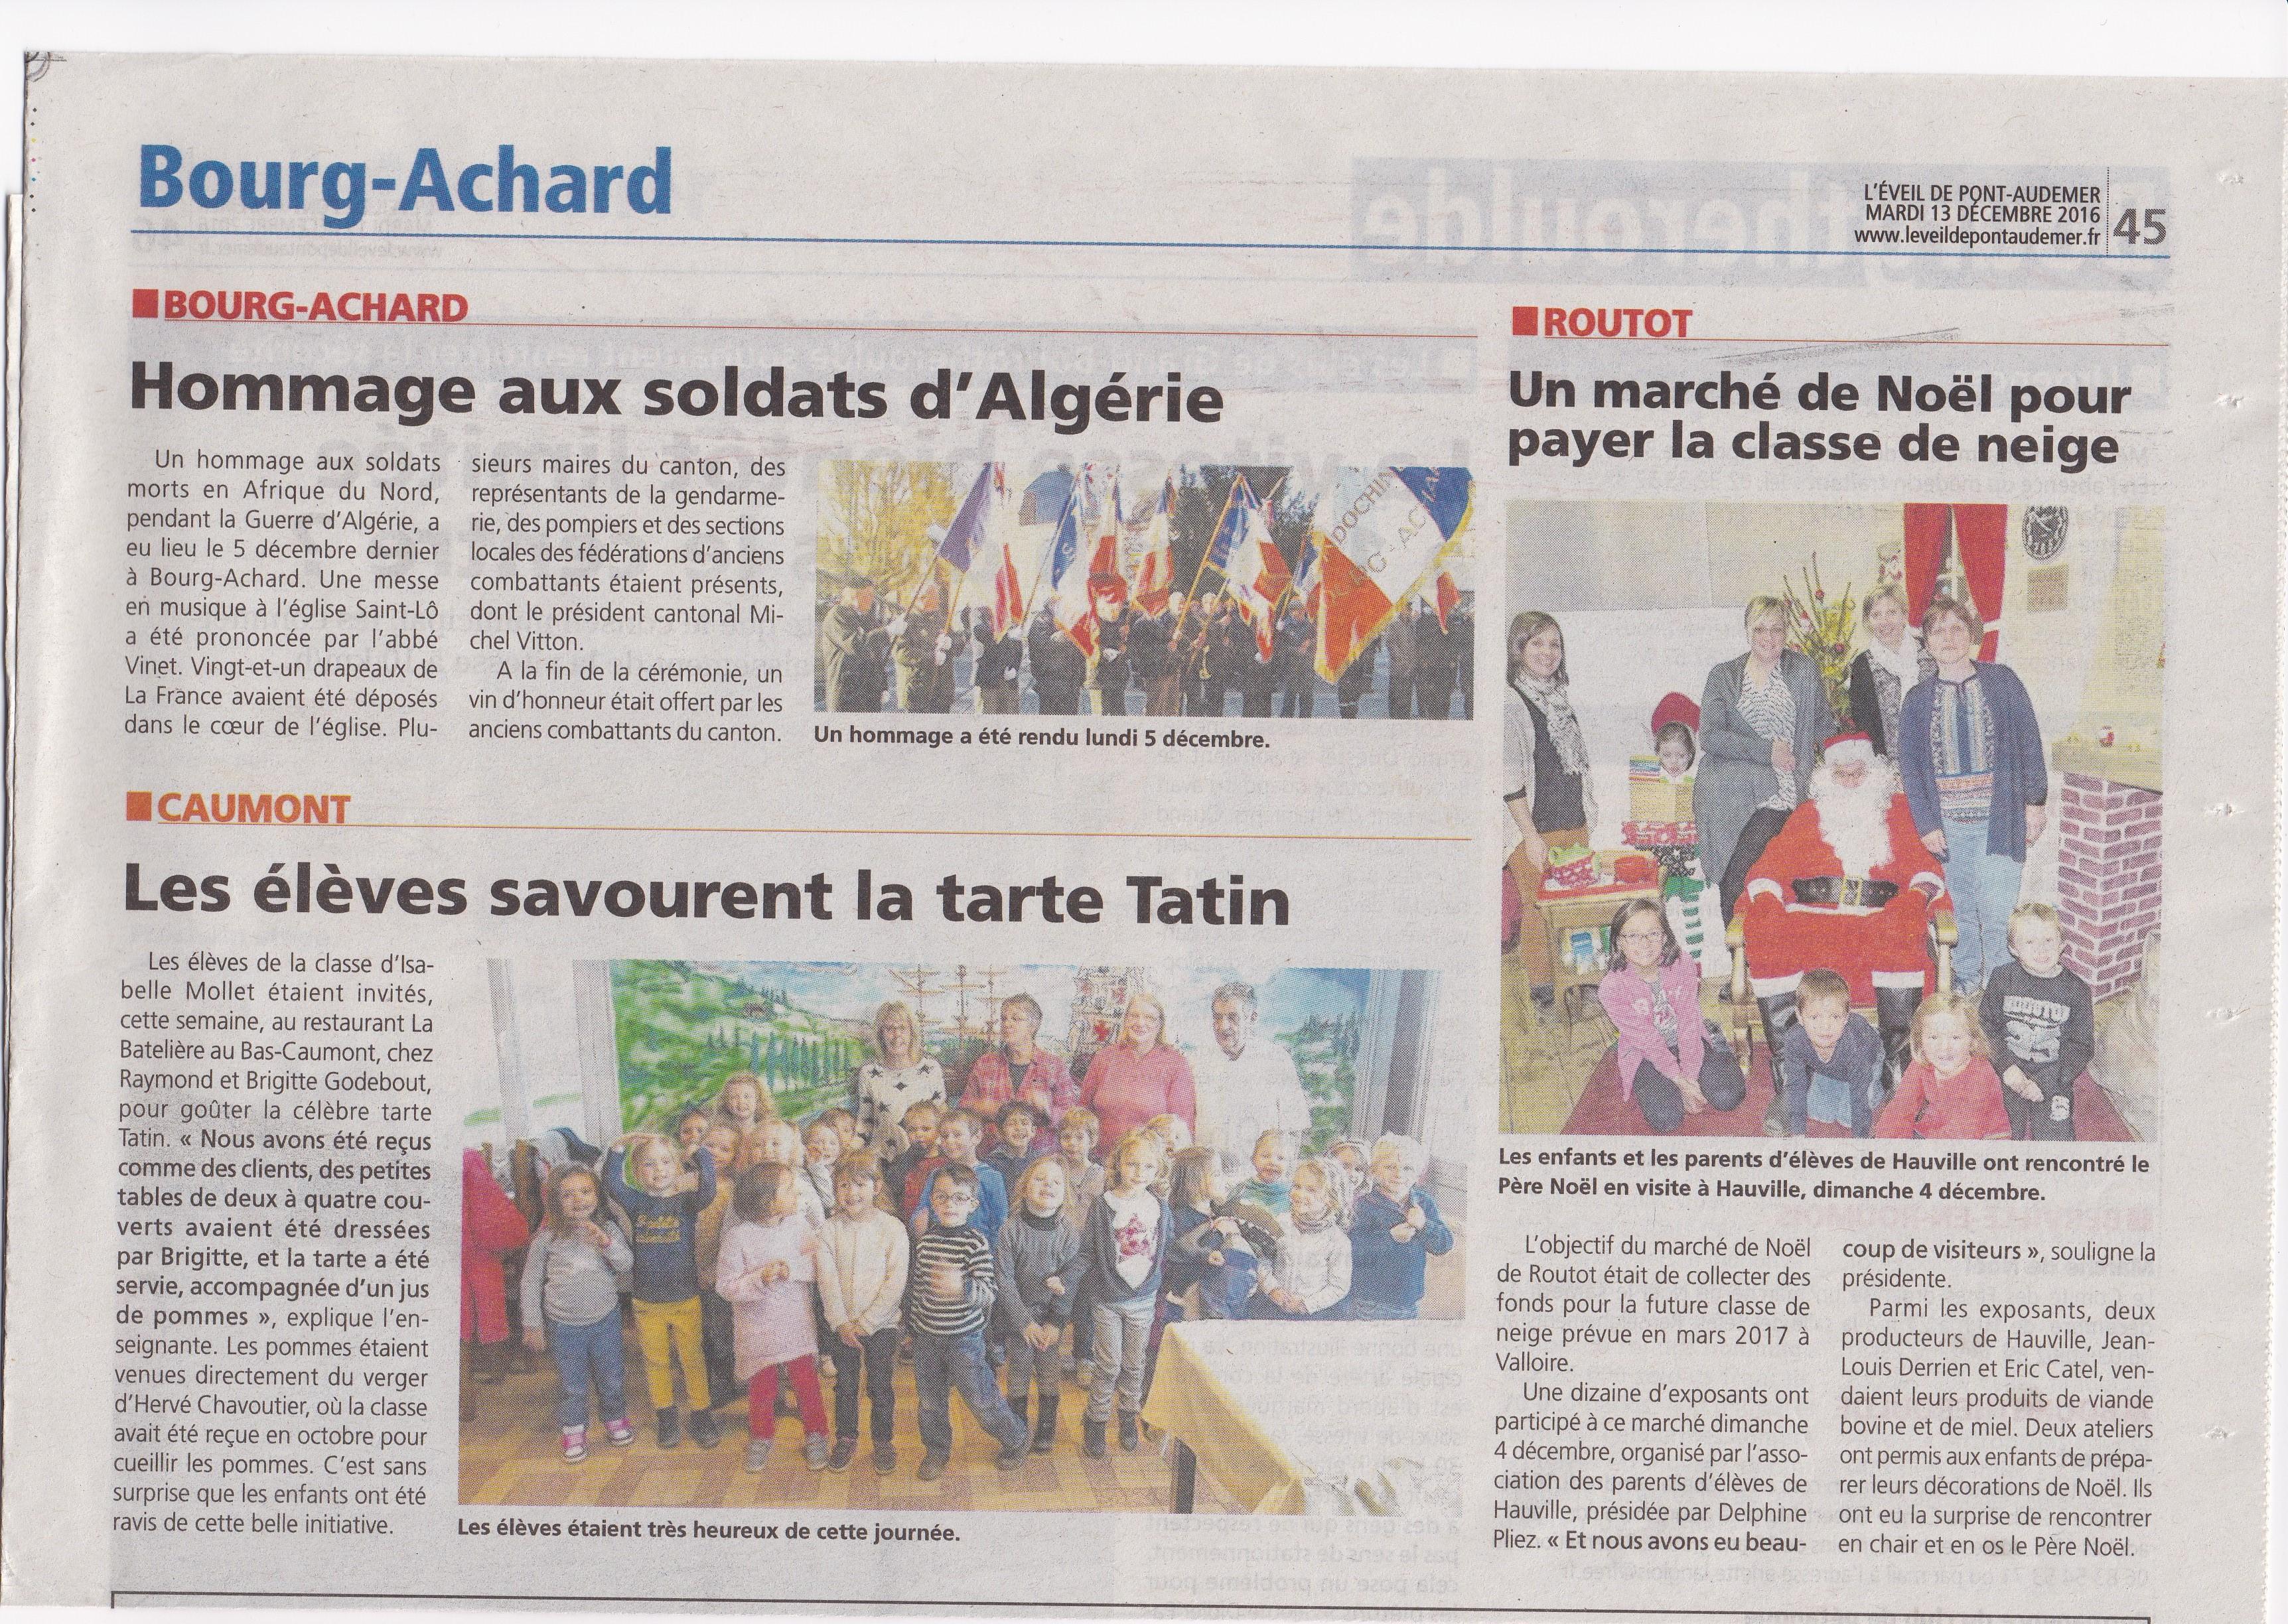 Rassegna Stampa La Bateliere Caumont